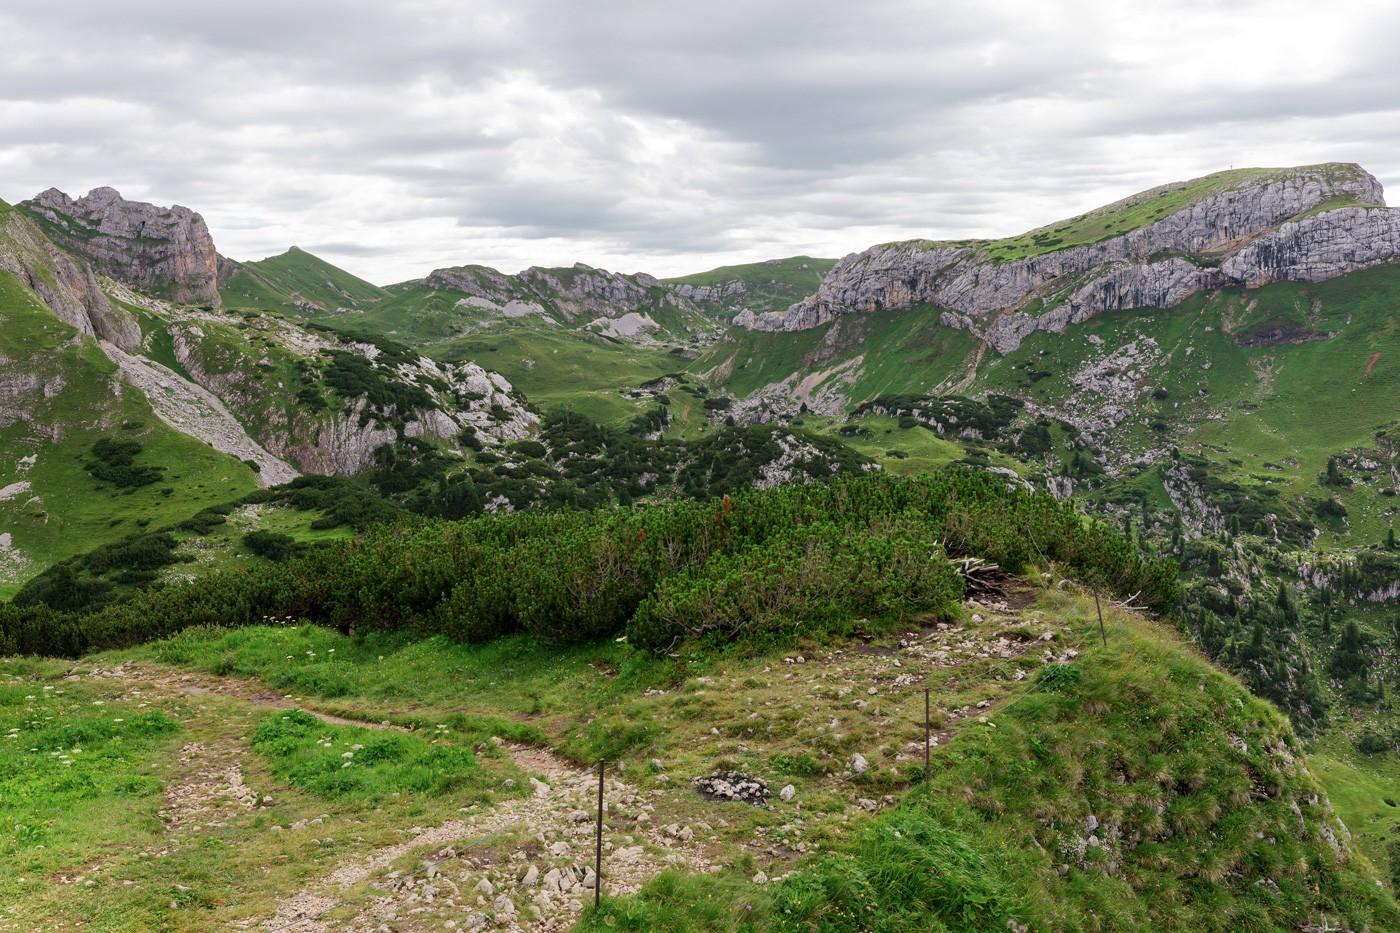 Aussicht auf den Hochiss vom Adlerhorst am Gschöllkopf